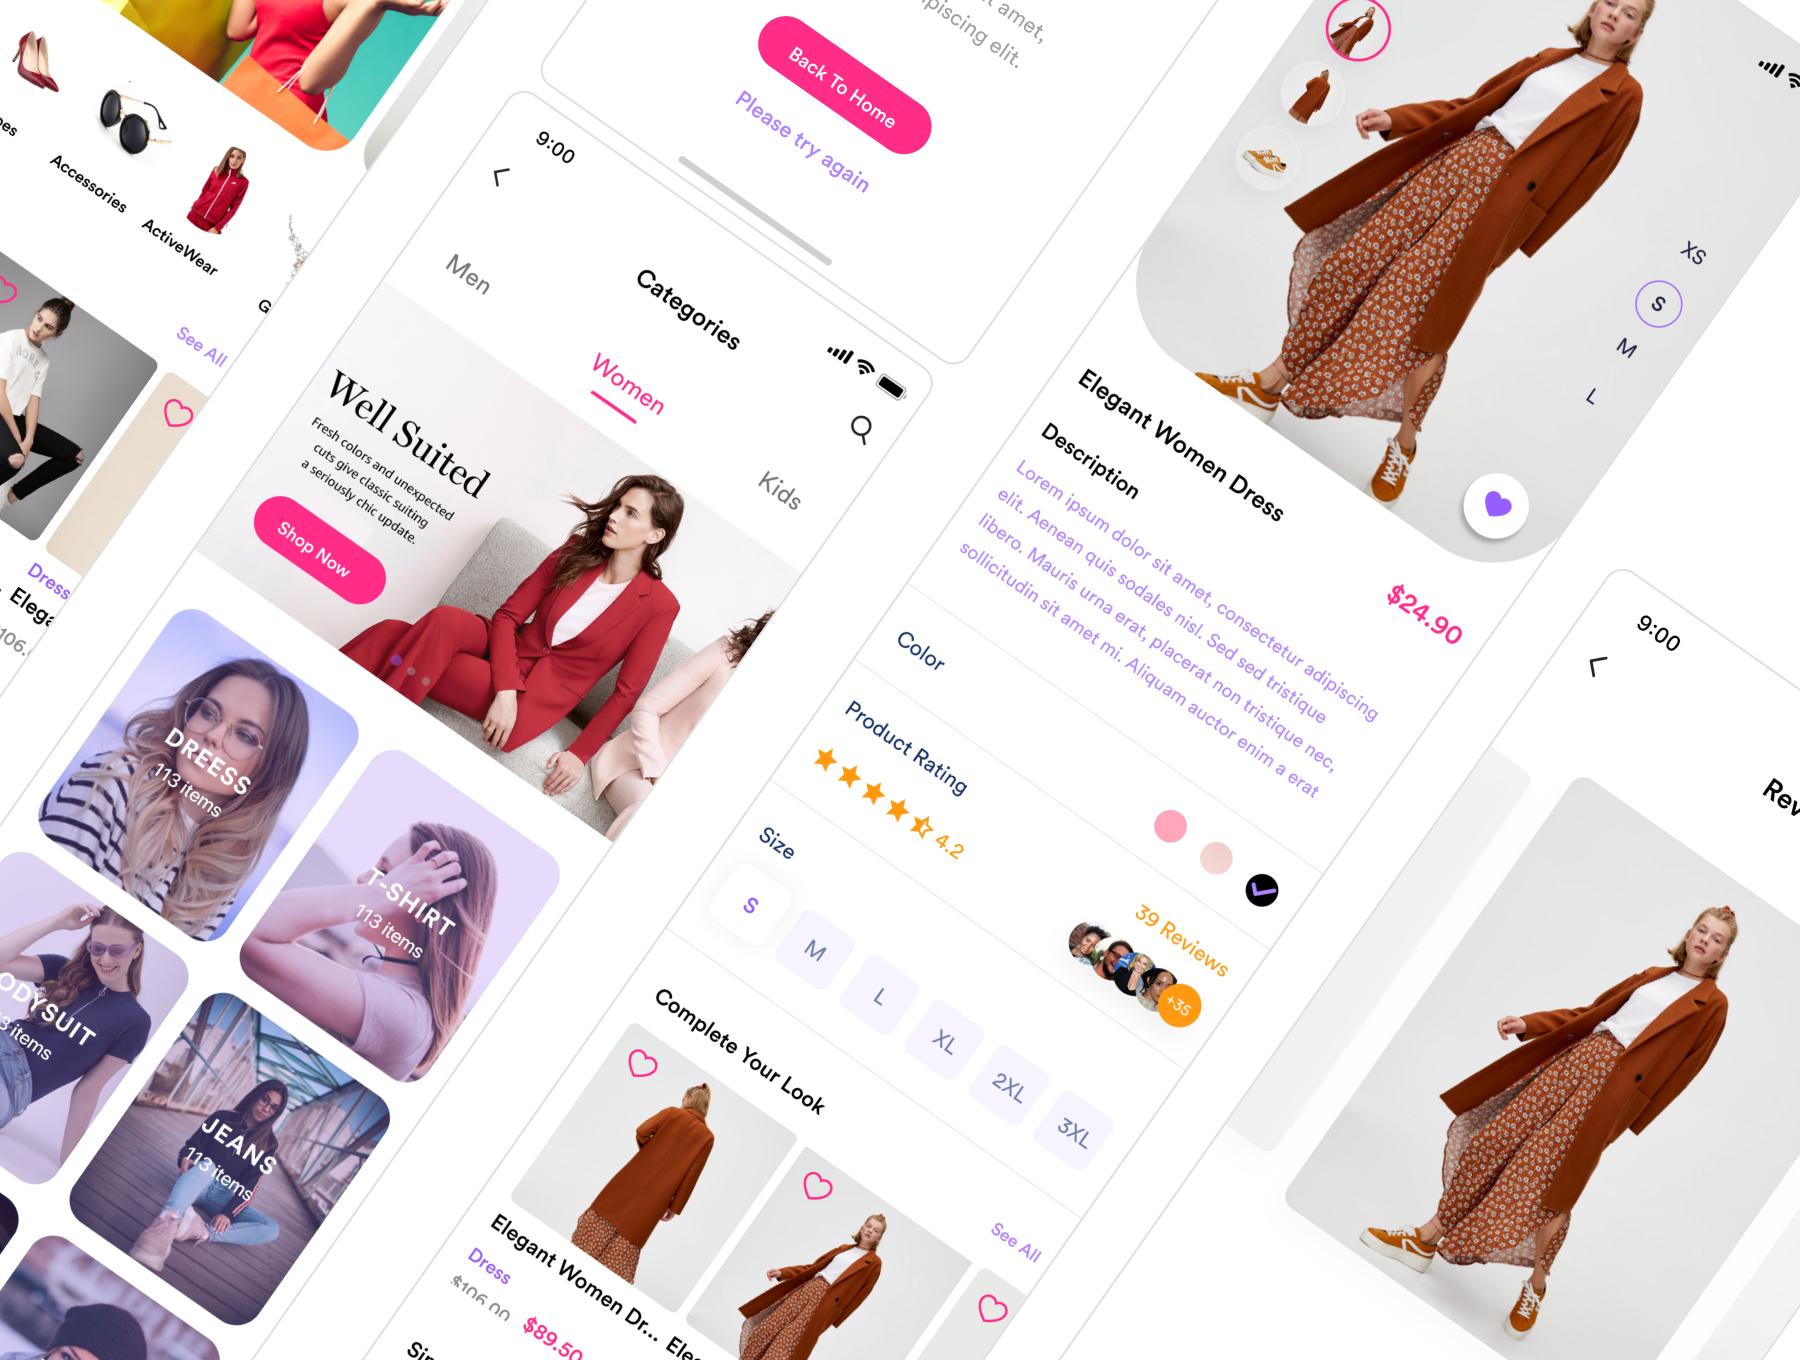 دانلود UI Kit اپلیکیشن موبایل فروشگاهی Zaara